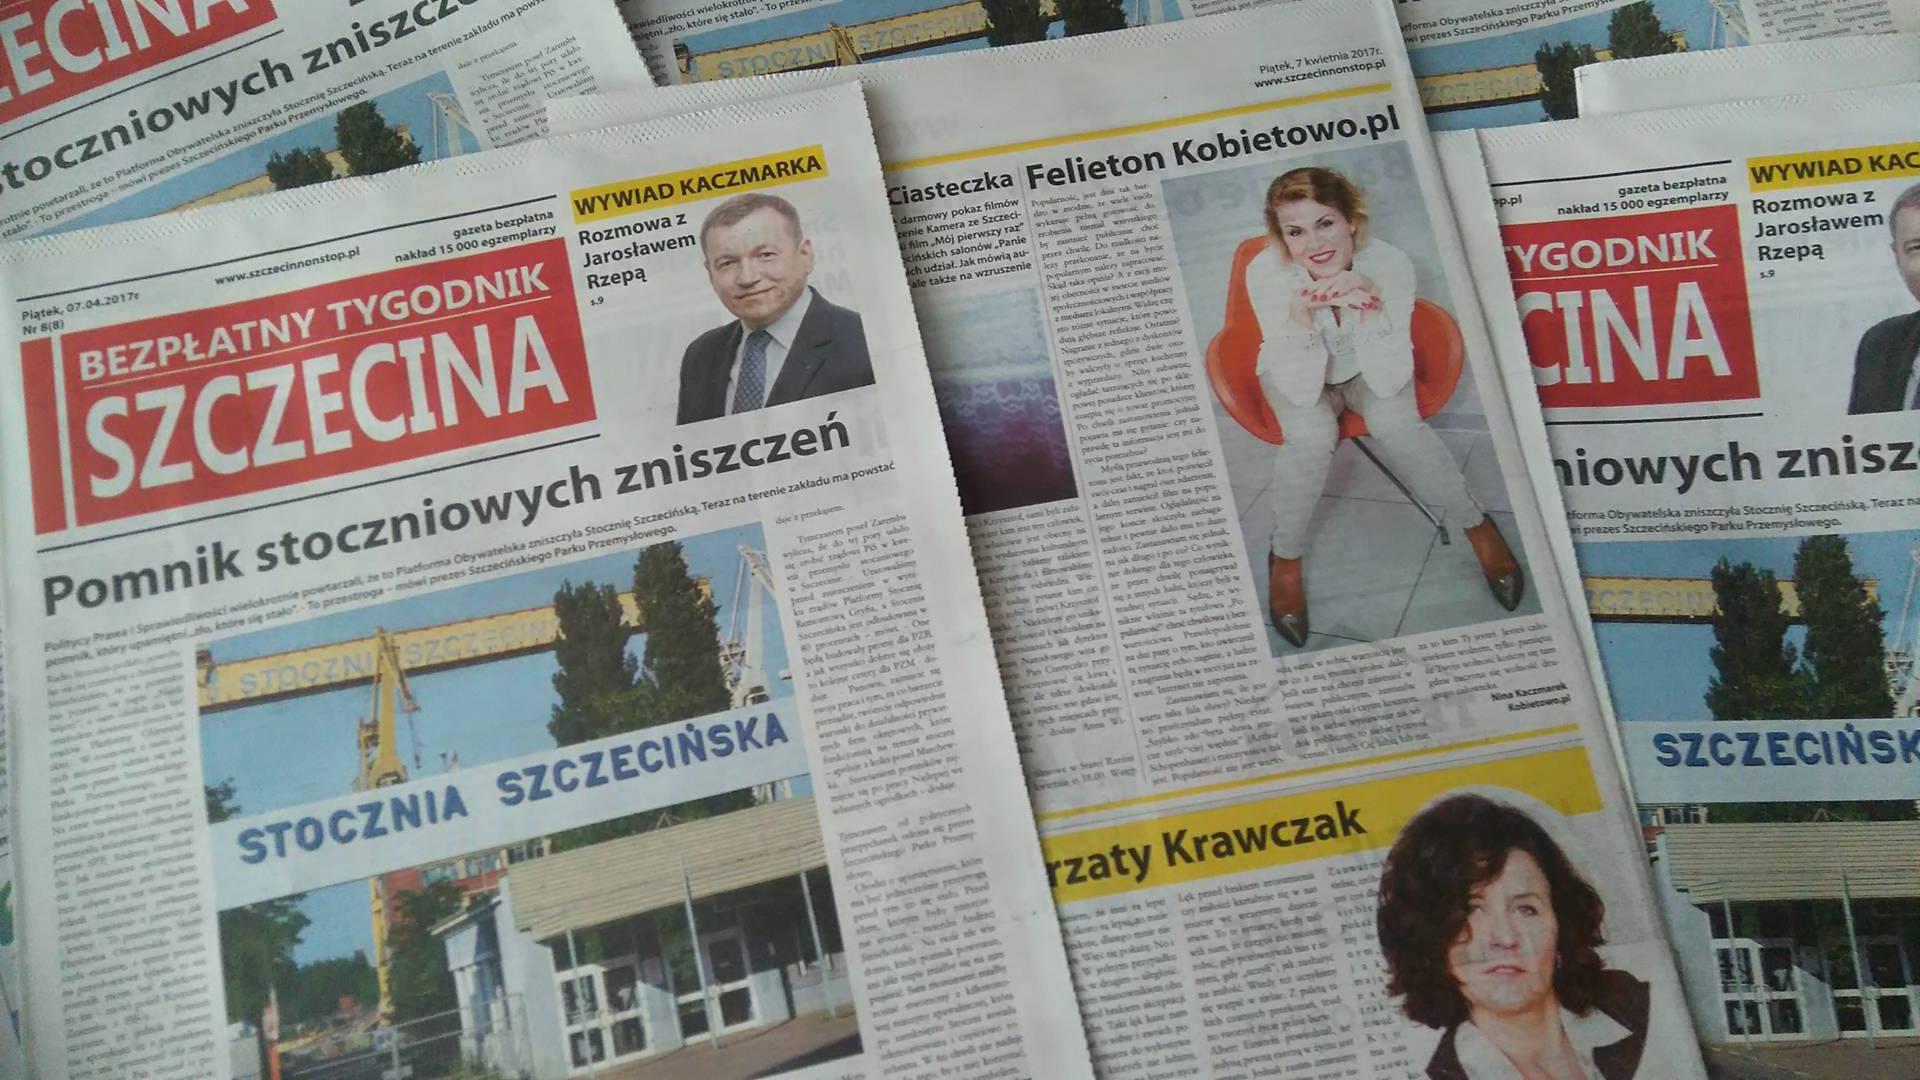 Popularność Bezpłatny Tygodnik Szczecina Felieton Kobietowo.pl cz. I